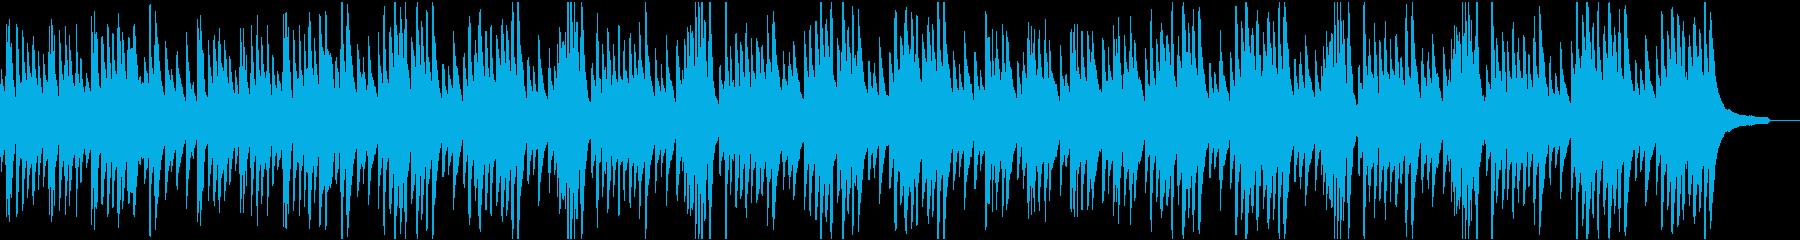 ピアノ名曲サティ まったりした異国風の再生済みの波形